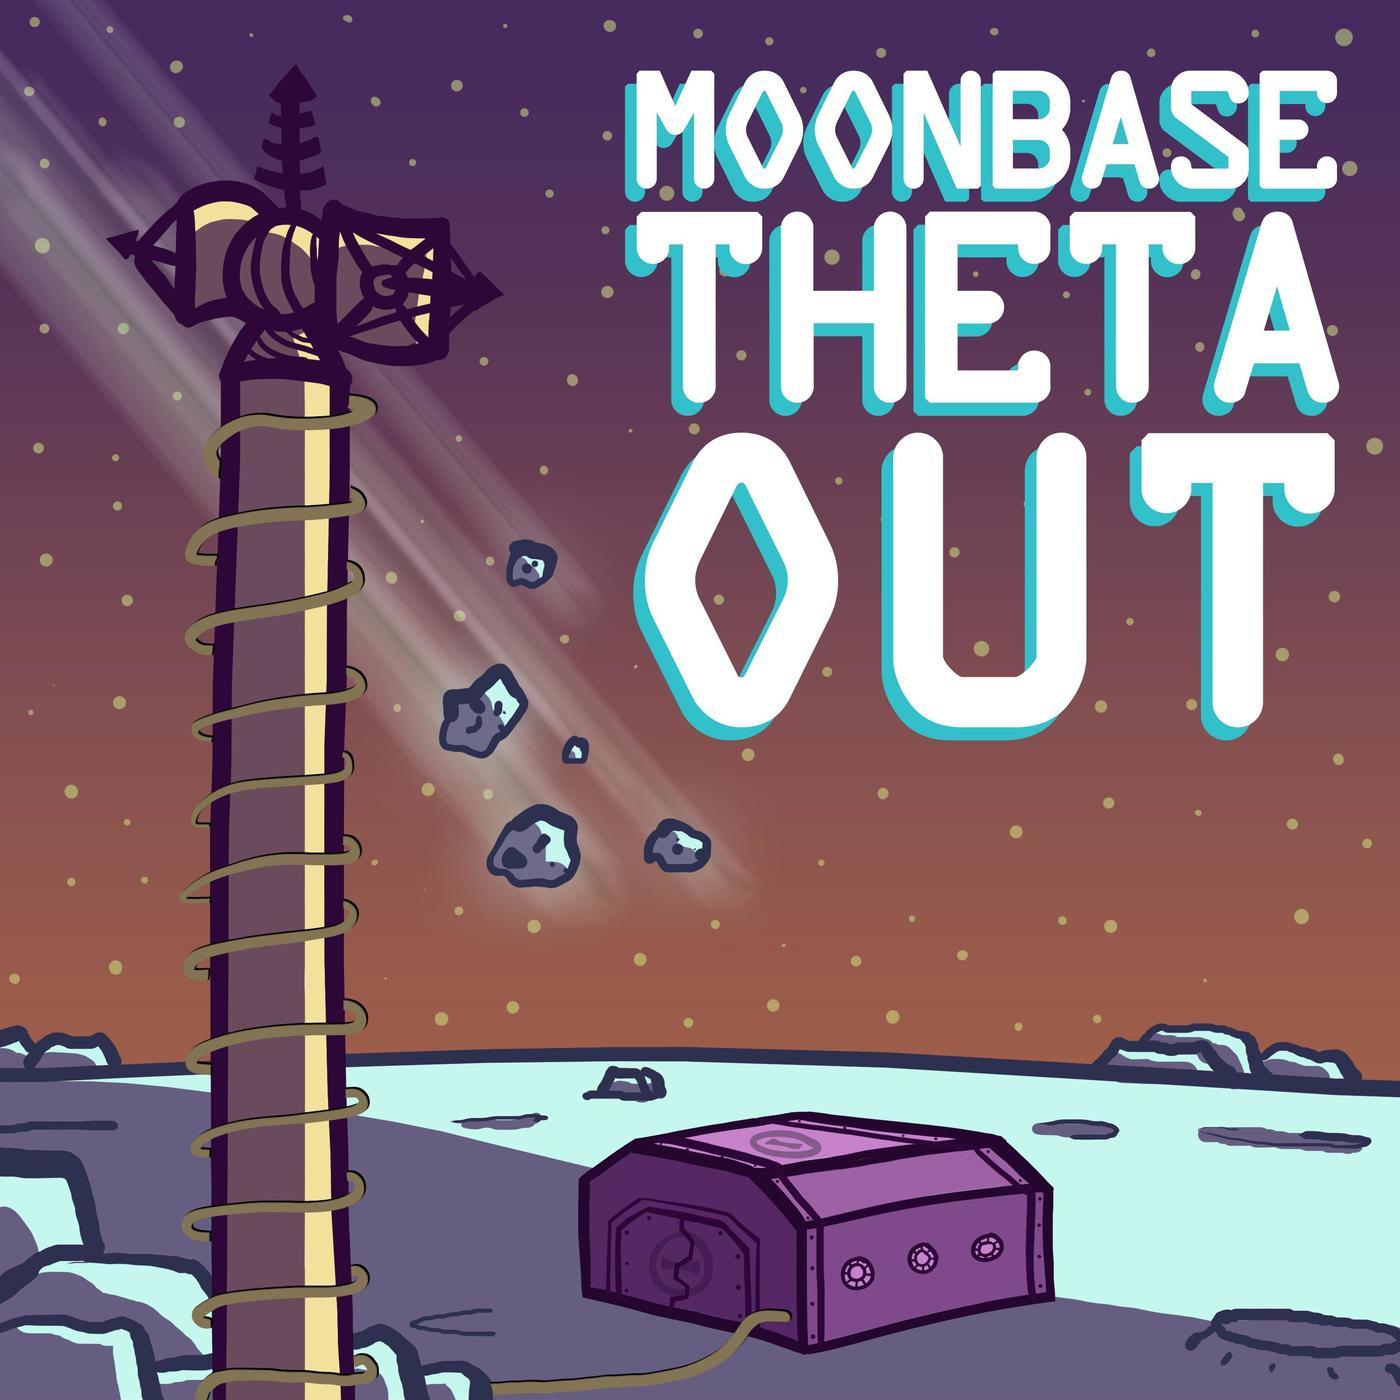 Presenting: Moonbase Theta, Out